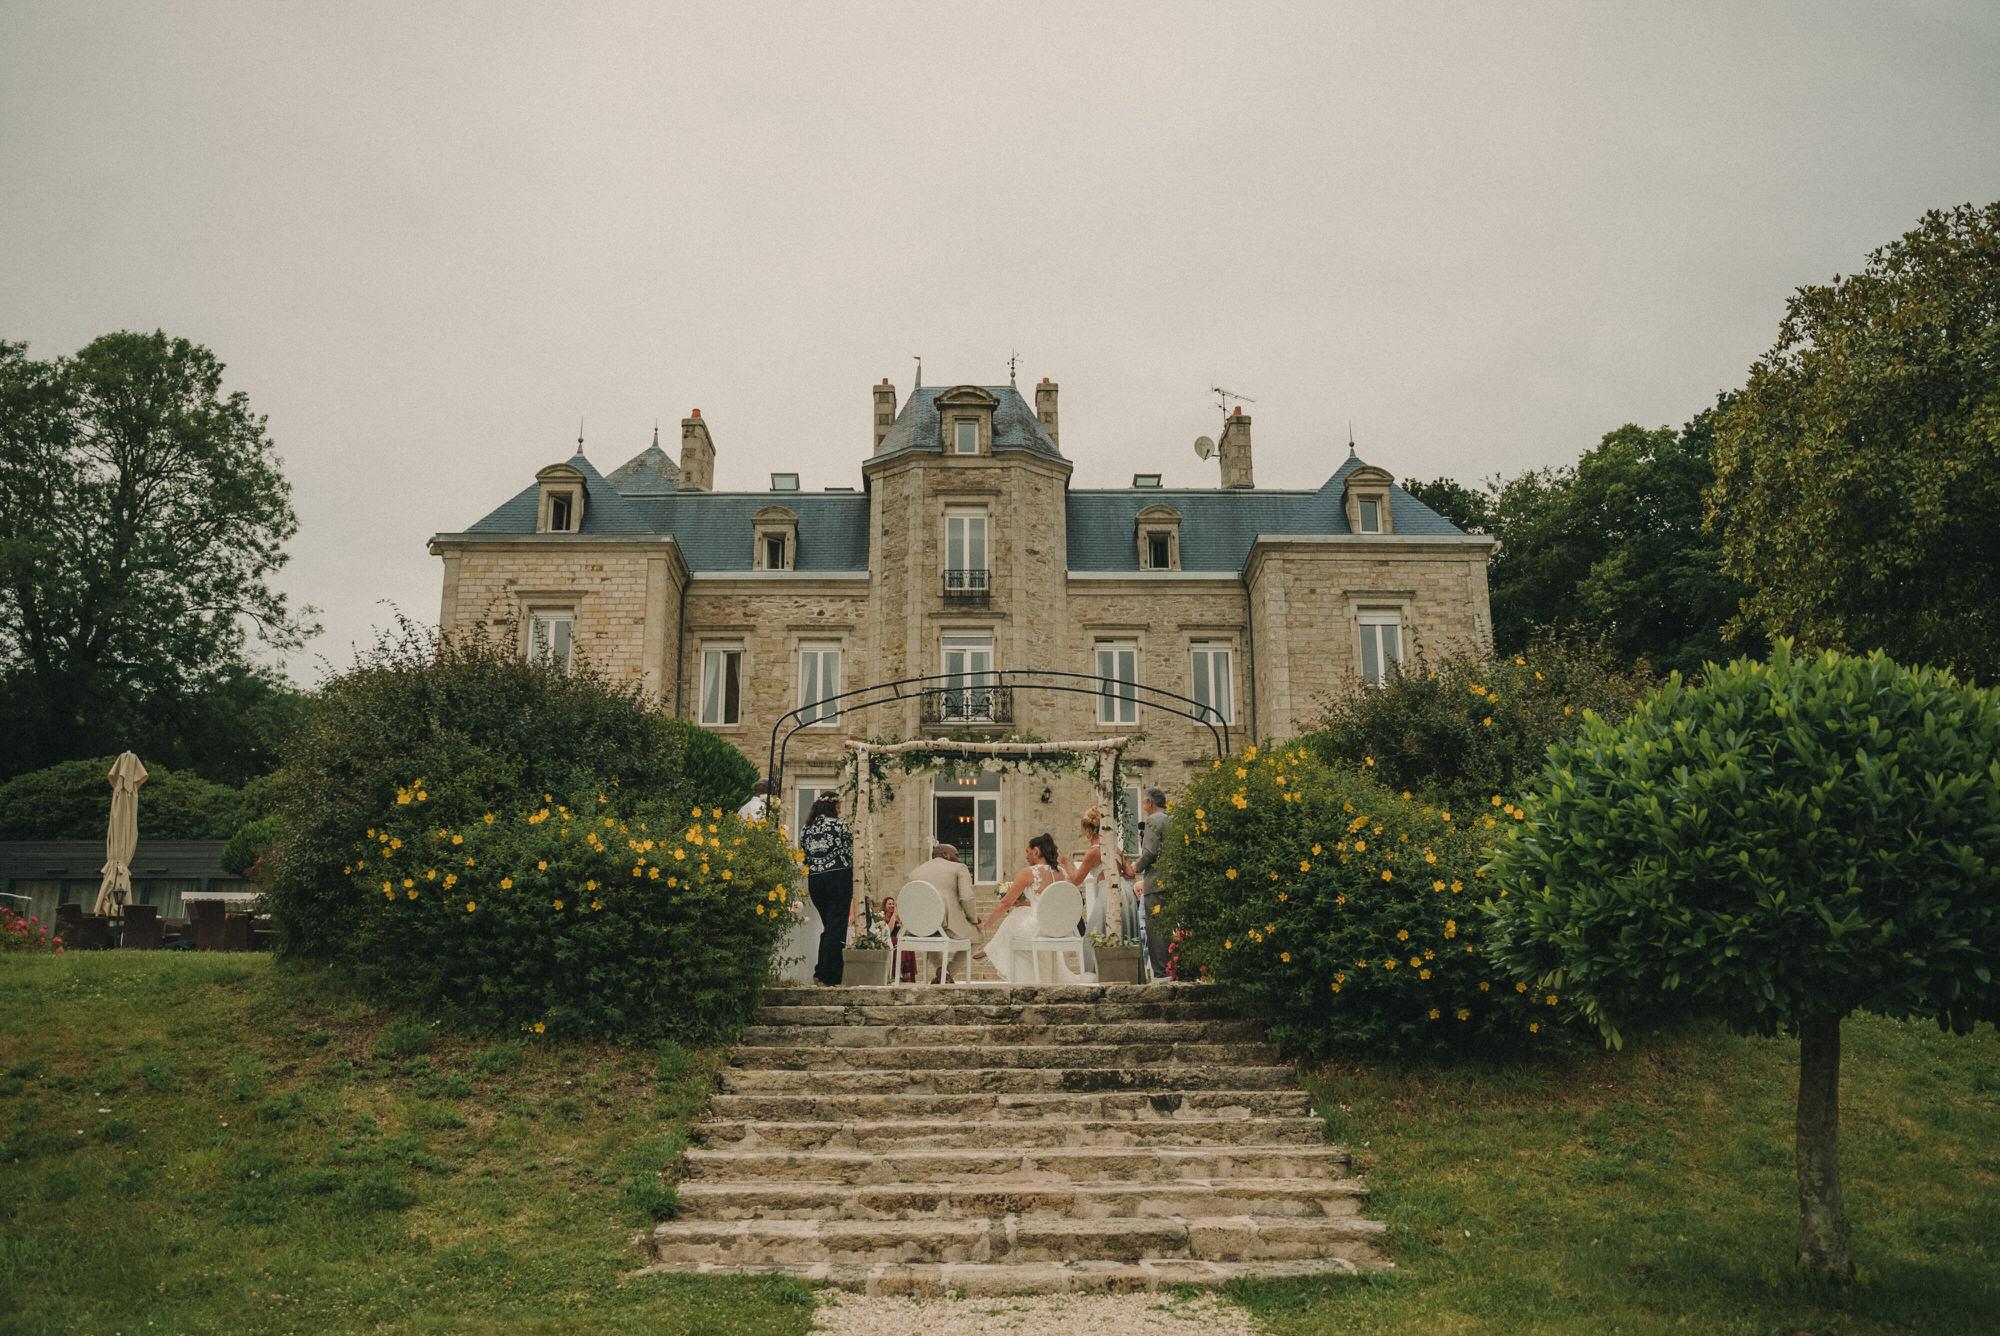 Photo De Mariage Au Manoir De Kerhuel A Plouneour Lanvern De Perle Danilson Par Antoine Borzeix 311, Photographe & Videaste à Brest / Finistère